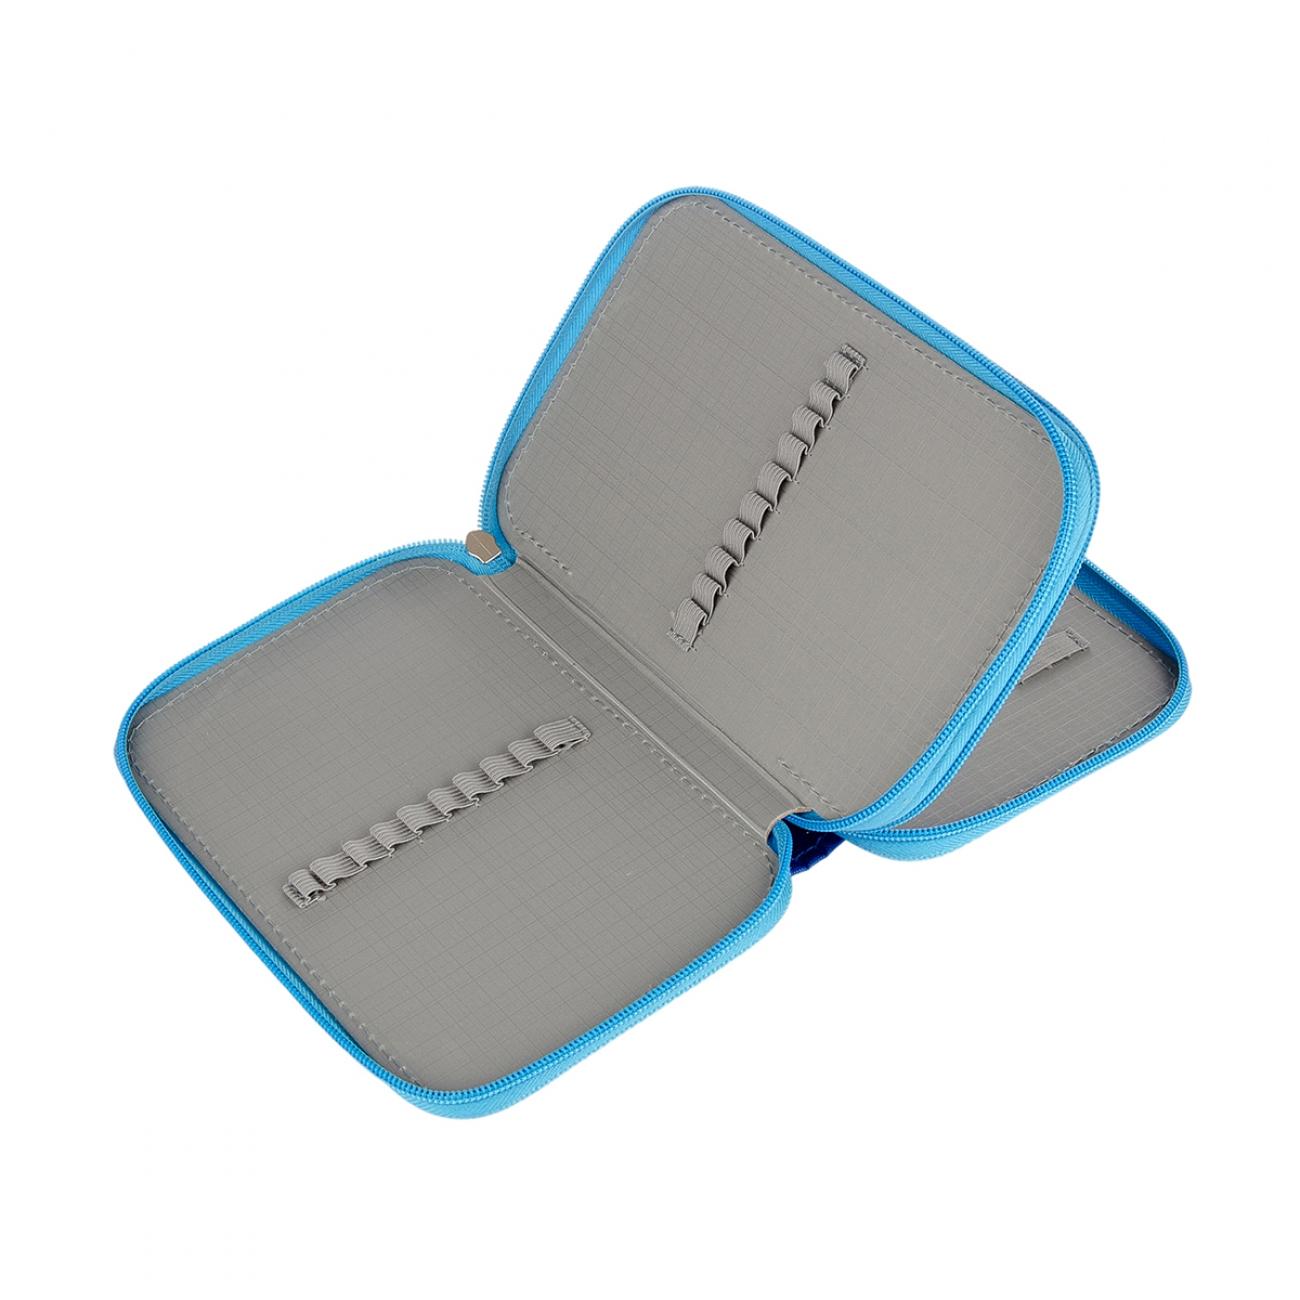 Sərt qələm çantası  SMART double 20x4.5x13 HP-01 Cool Kids  - 2